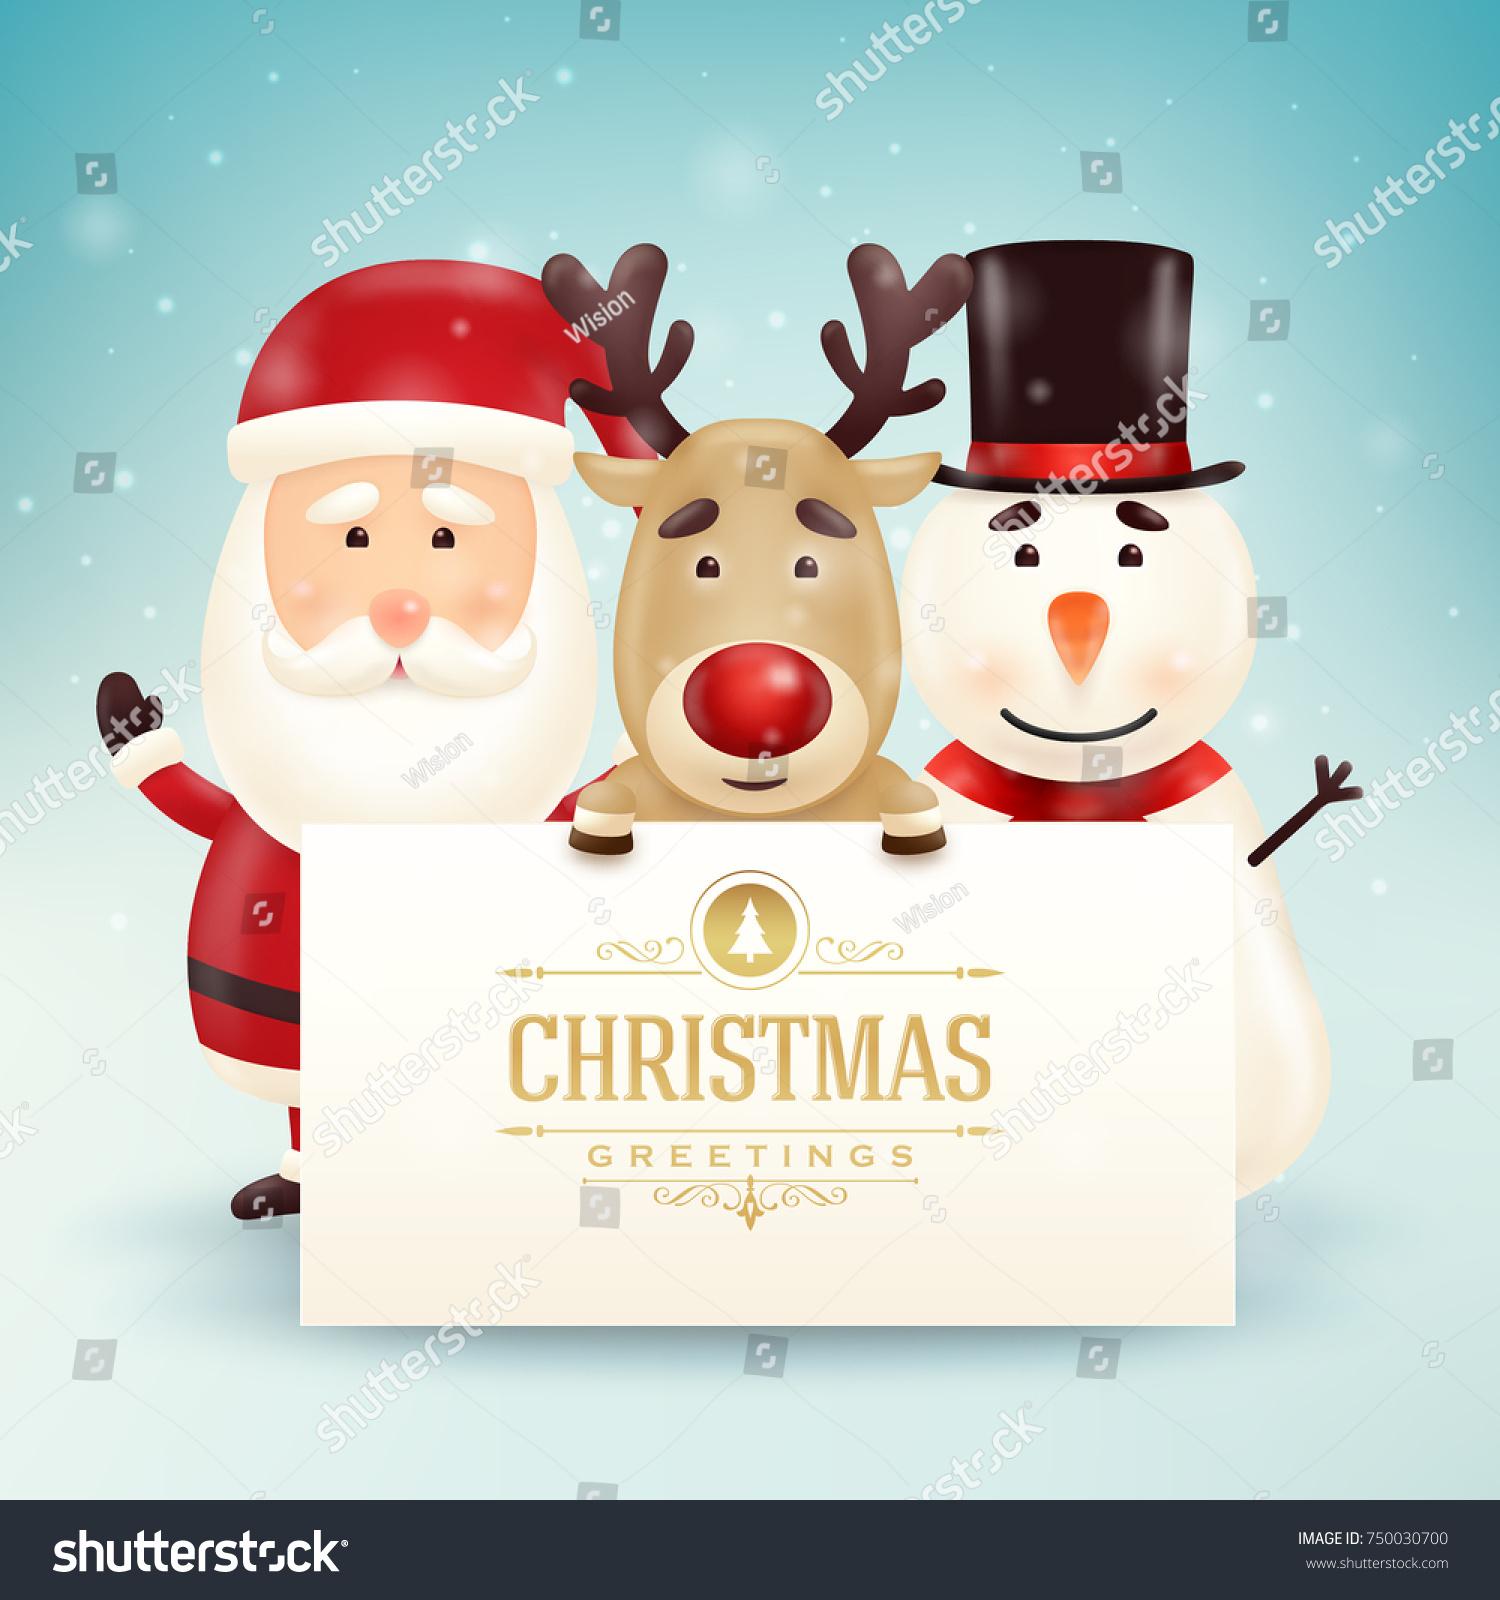 Christmas greeting card cute santa snowman stock vector 750030700 christmas greeting card with cute santa snowman and reindeer characters kristyandbryce Gallery